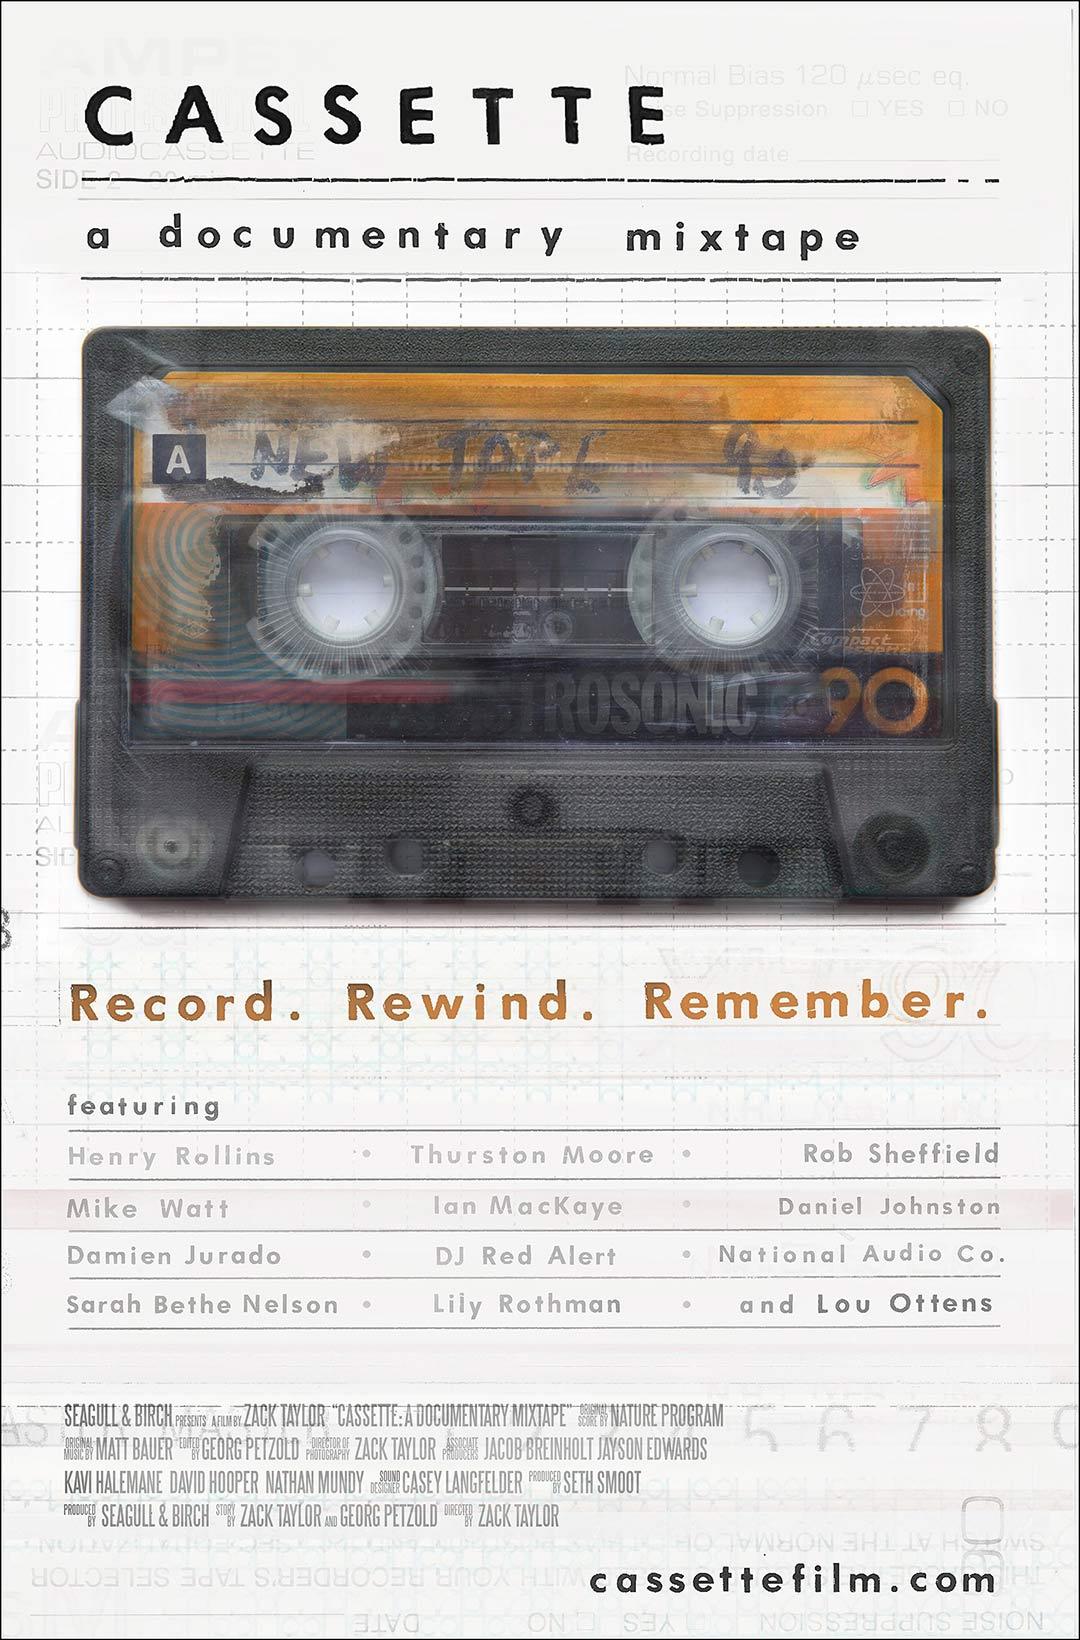 cassette_documentary_mixtape.jpg